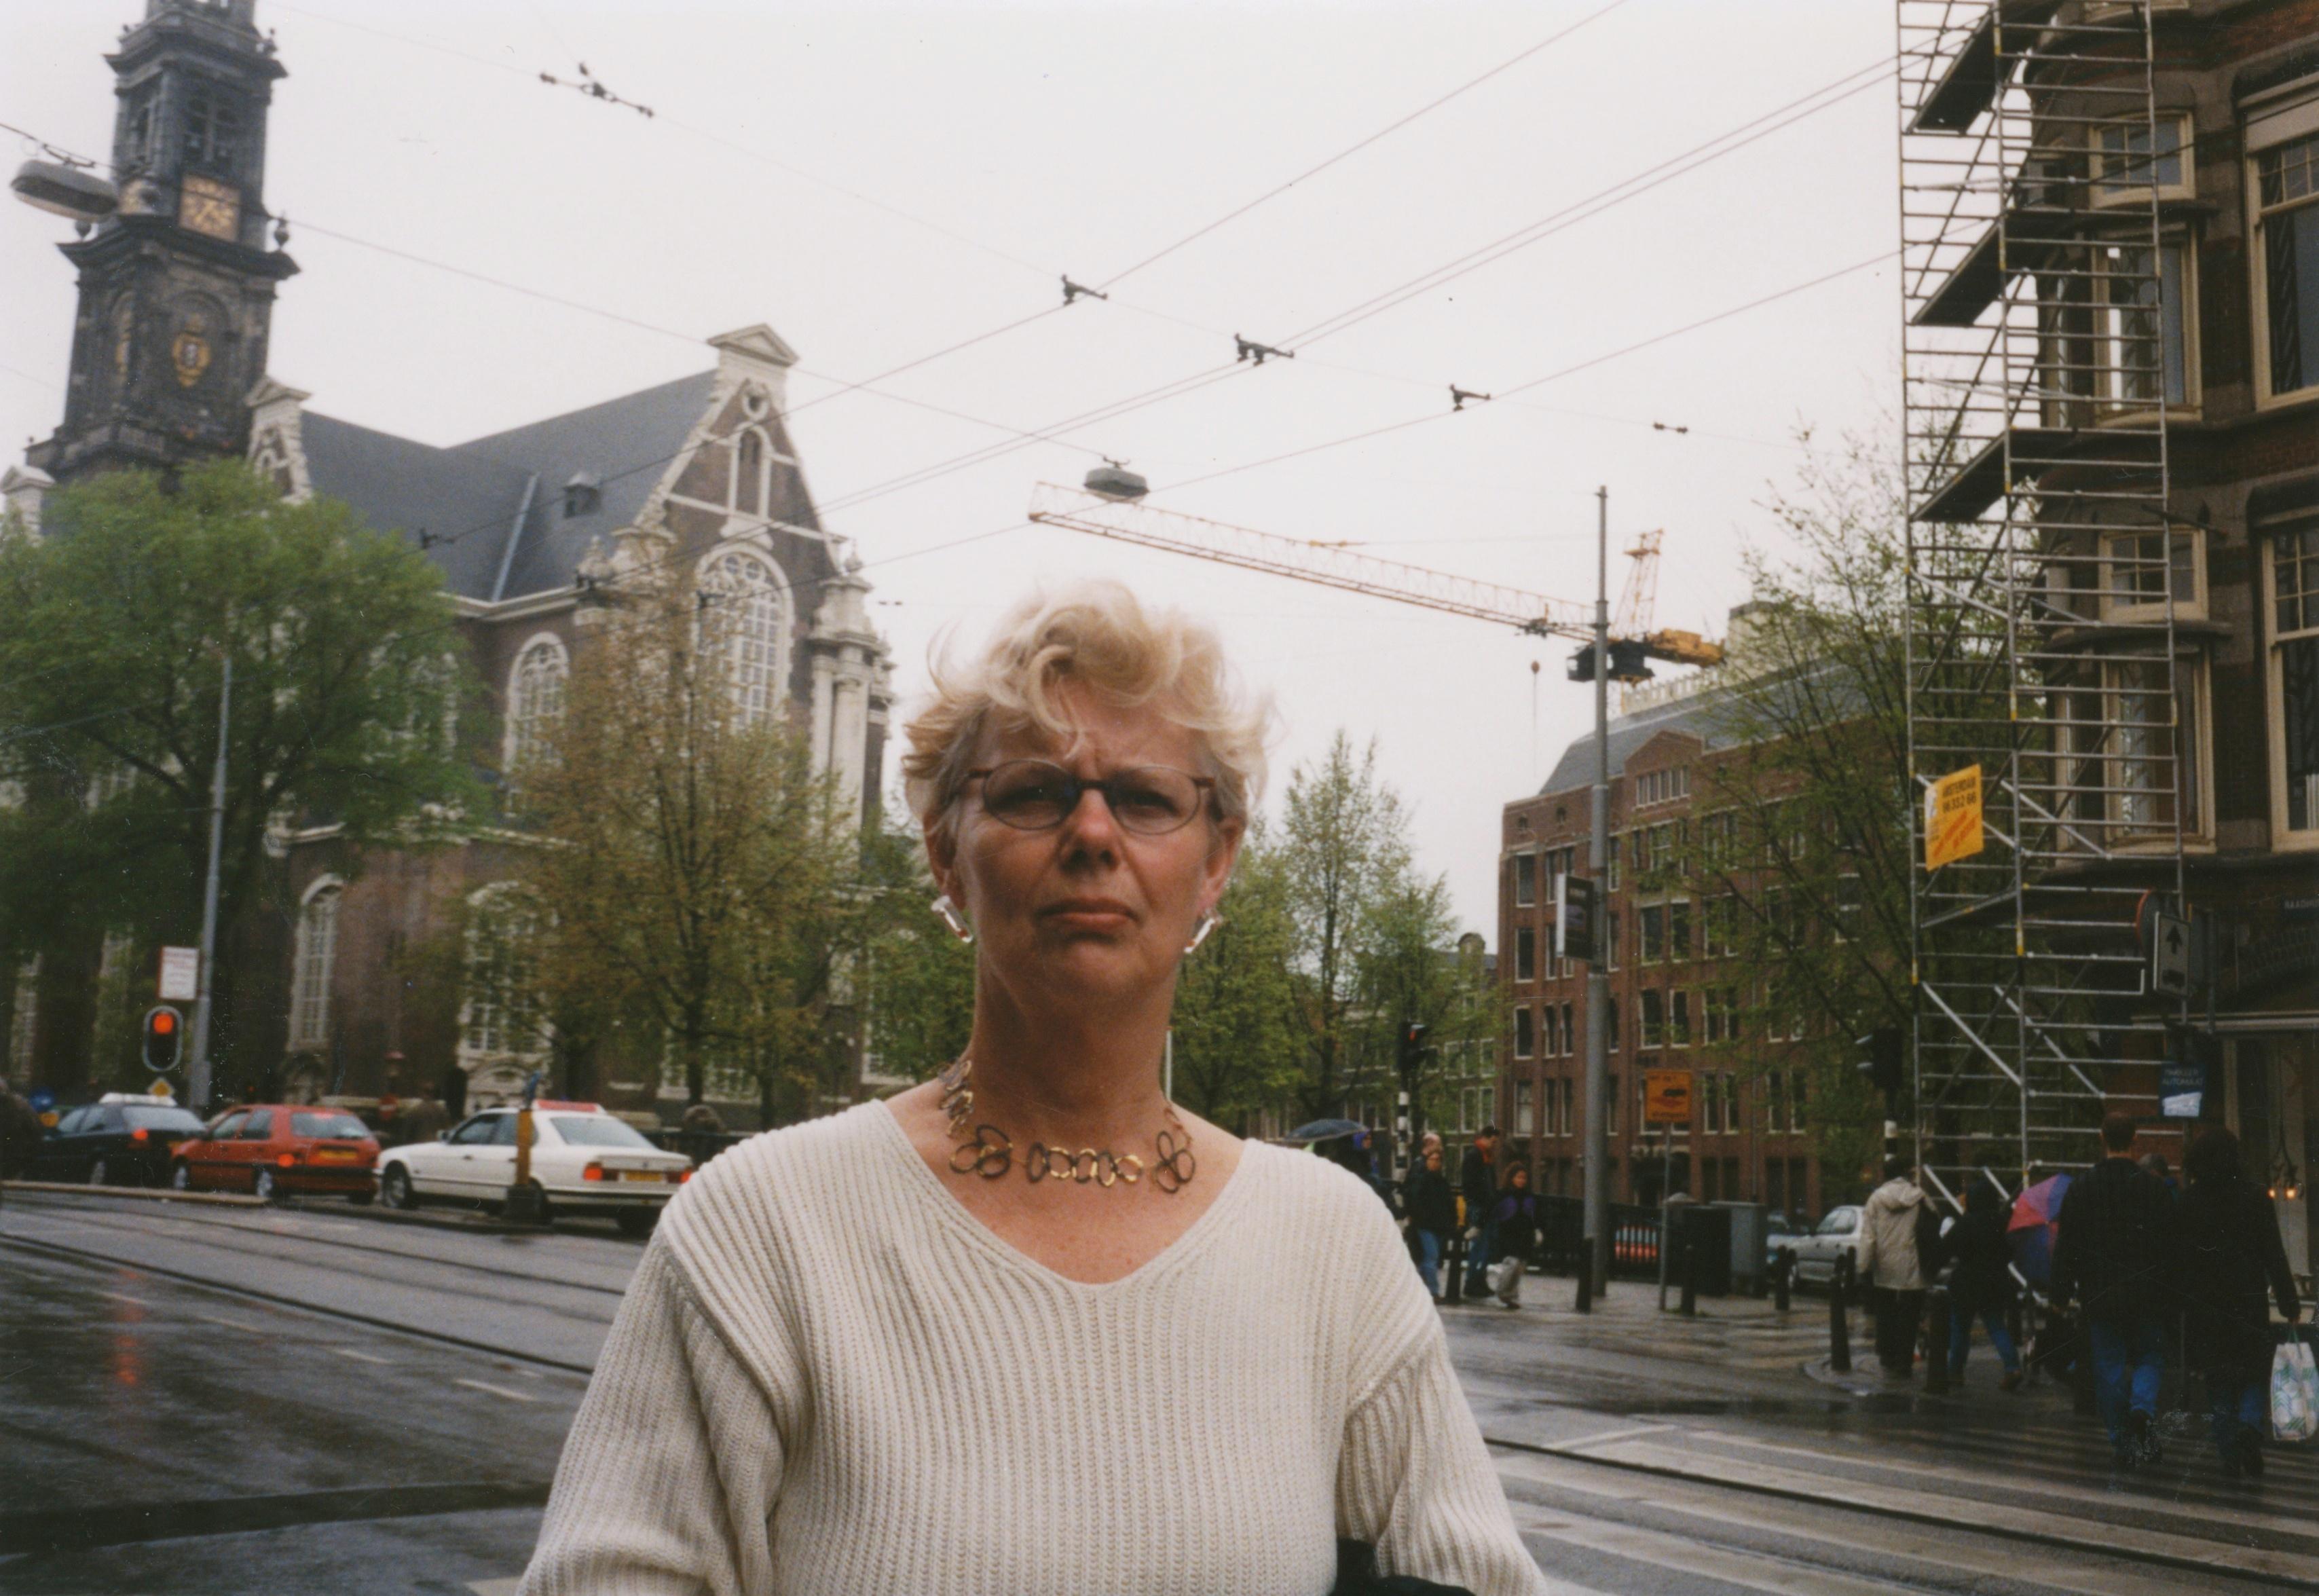 Claartje Keur, Zelfportret met halssieraad van Robert Smit, Amsterdam, Westerkerk, 2 mei 1998. Foto Claartje Keur